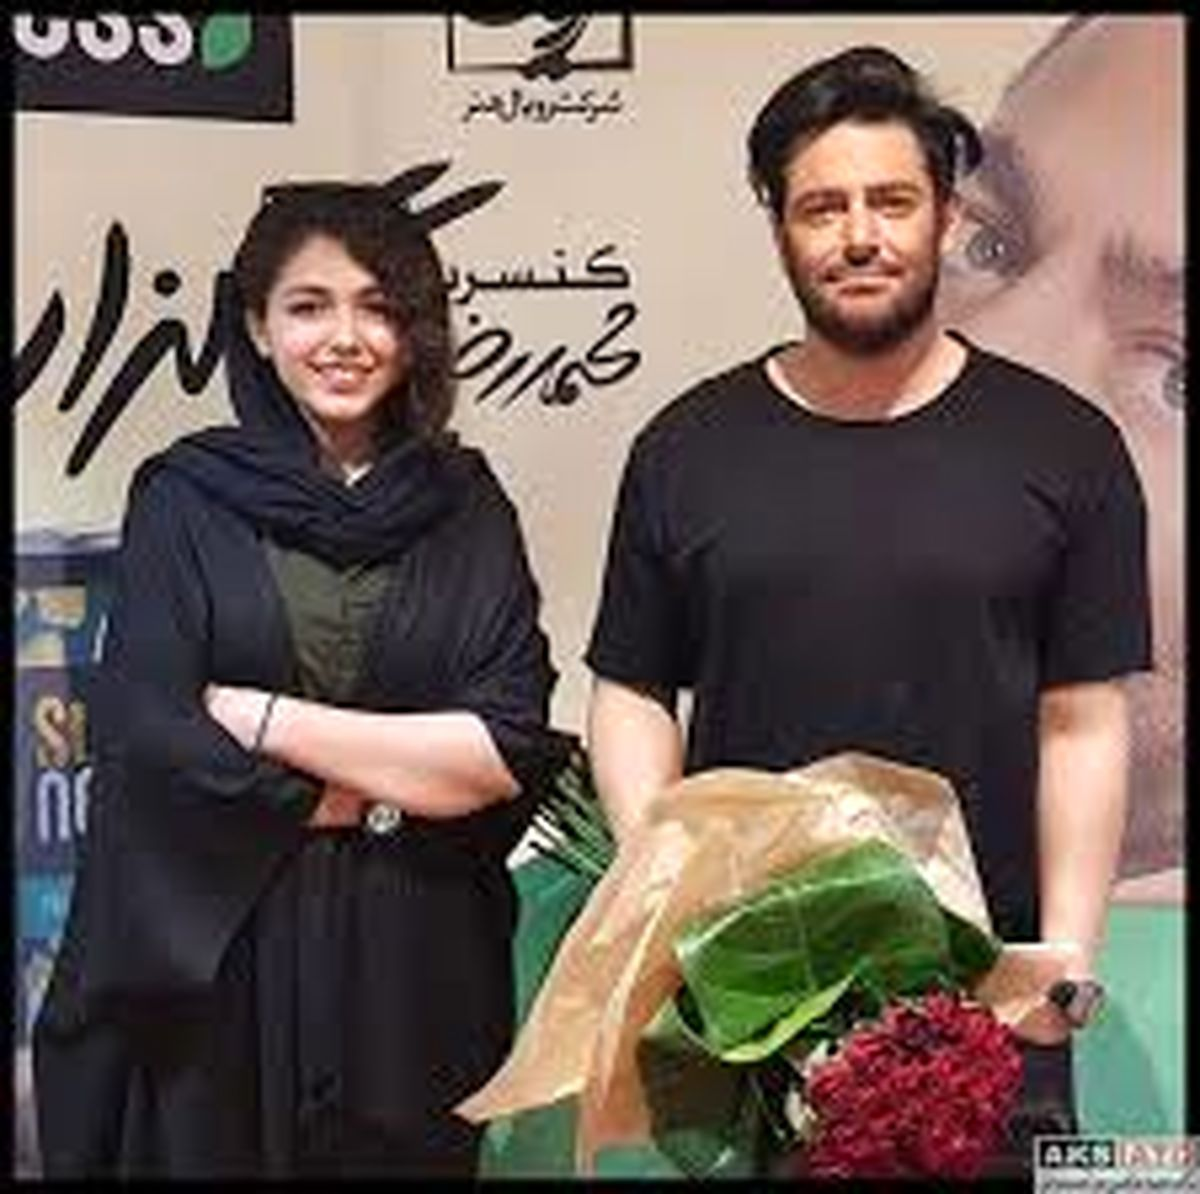 عکس محمدرضا گلزار و هانیه توسلی در پشت صحنه سریال گیسو + عکس